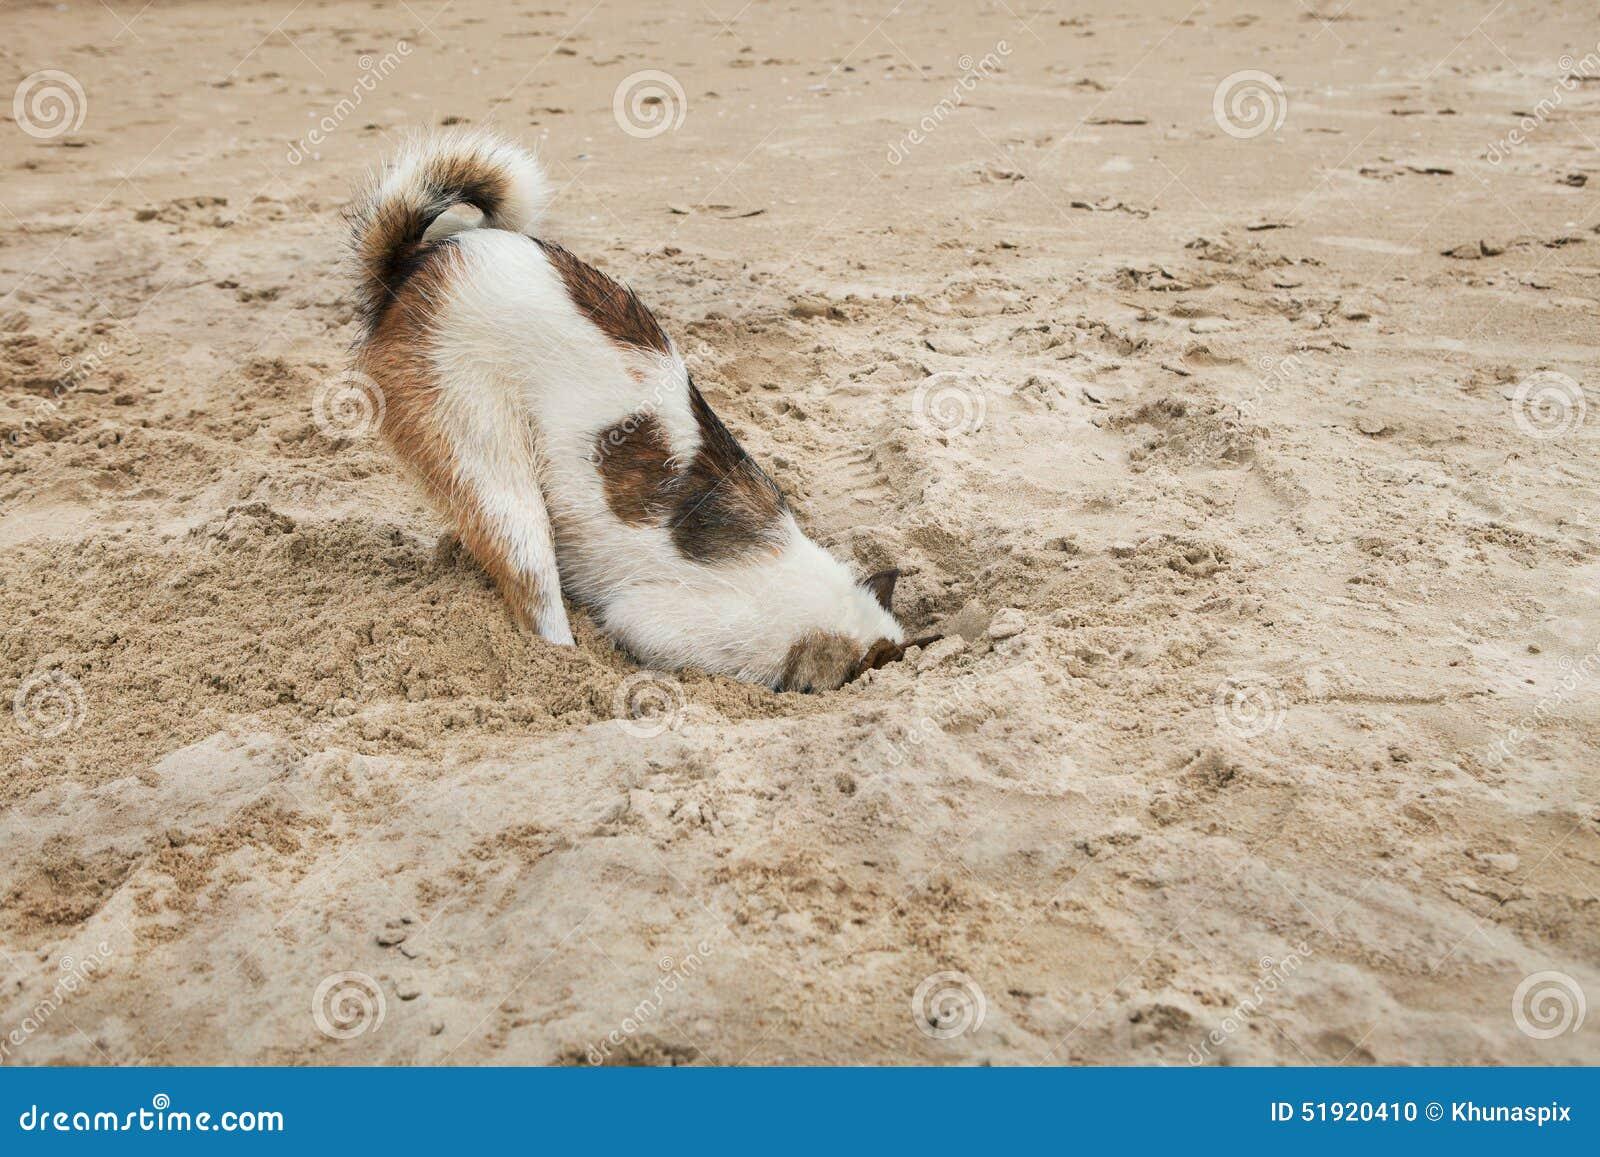 Psia głowa w piasek plaży jak strusi wstyd i strach